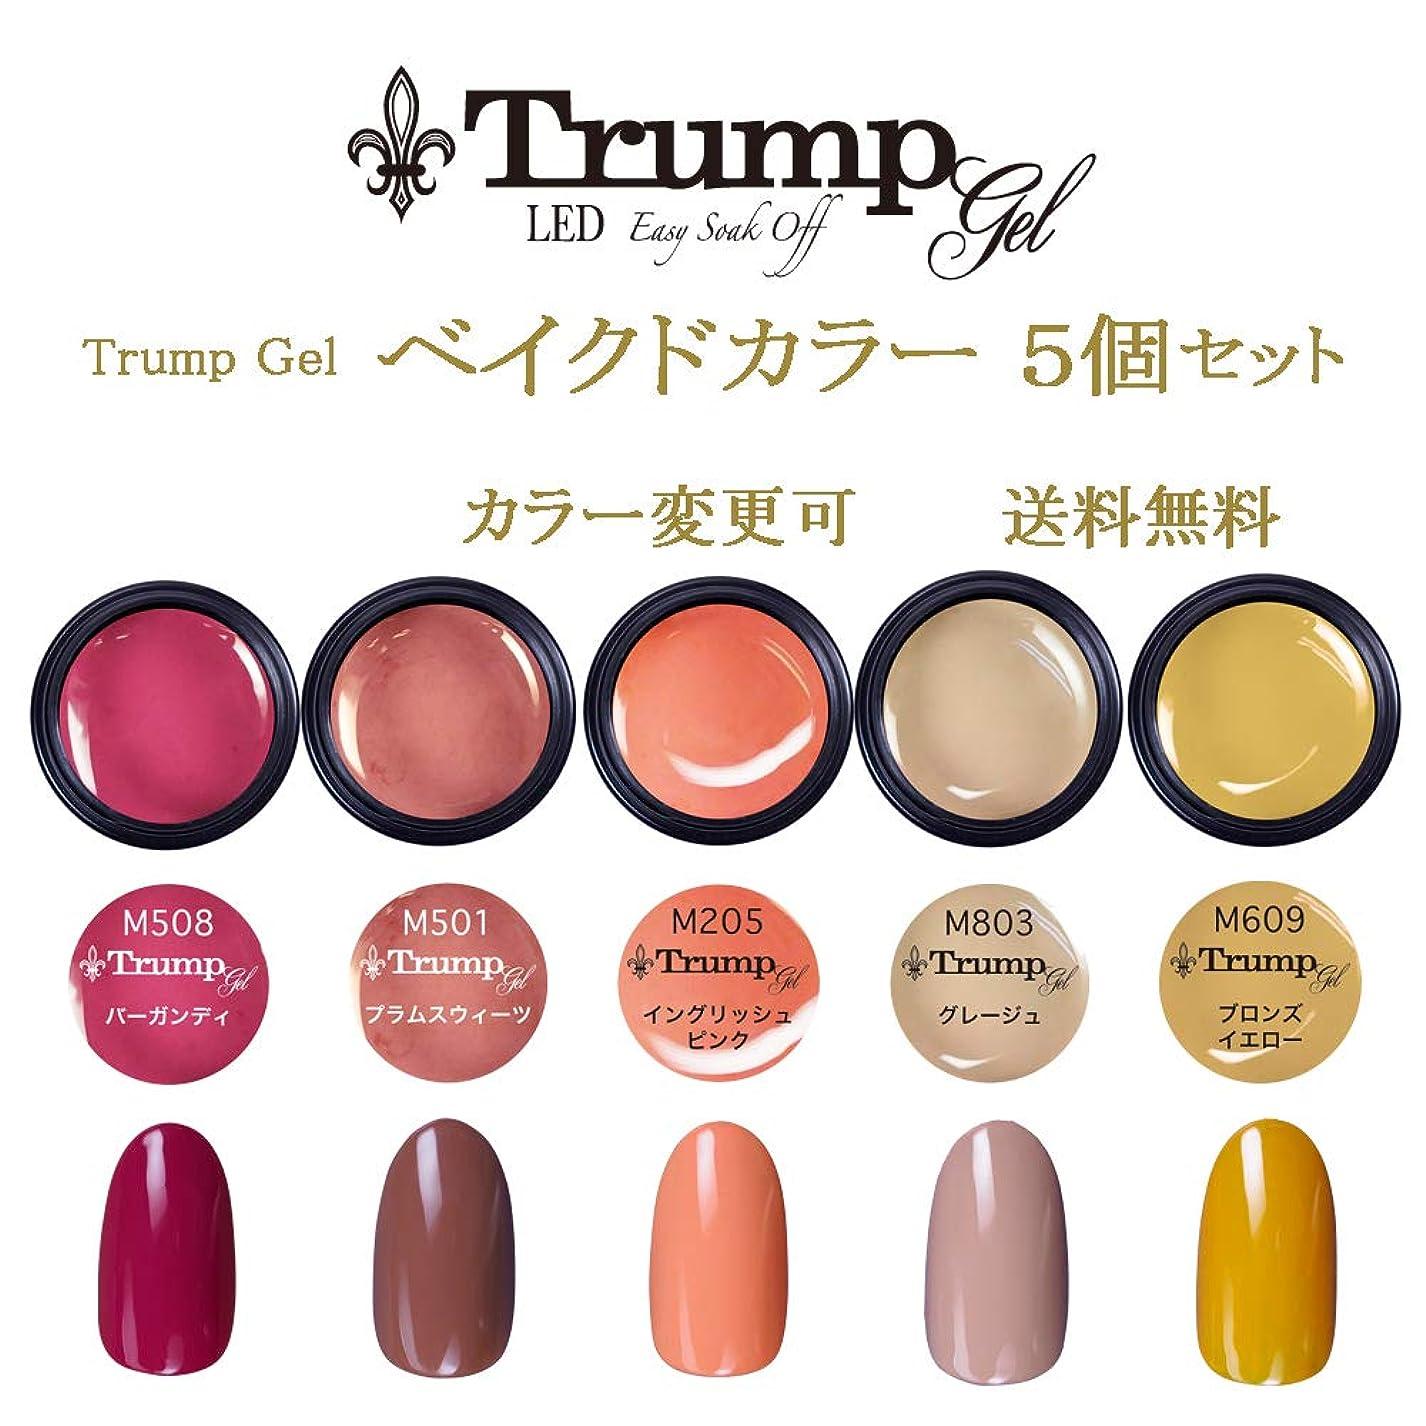 従うサイクロプス規模【送料無料】日本製 Trump gel トランプジェル ベイクドカラー 選べる カラージェル 5個セット ミルキーネイル ベージュ オレンジ カラー